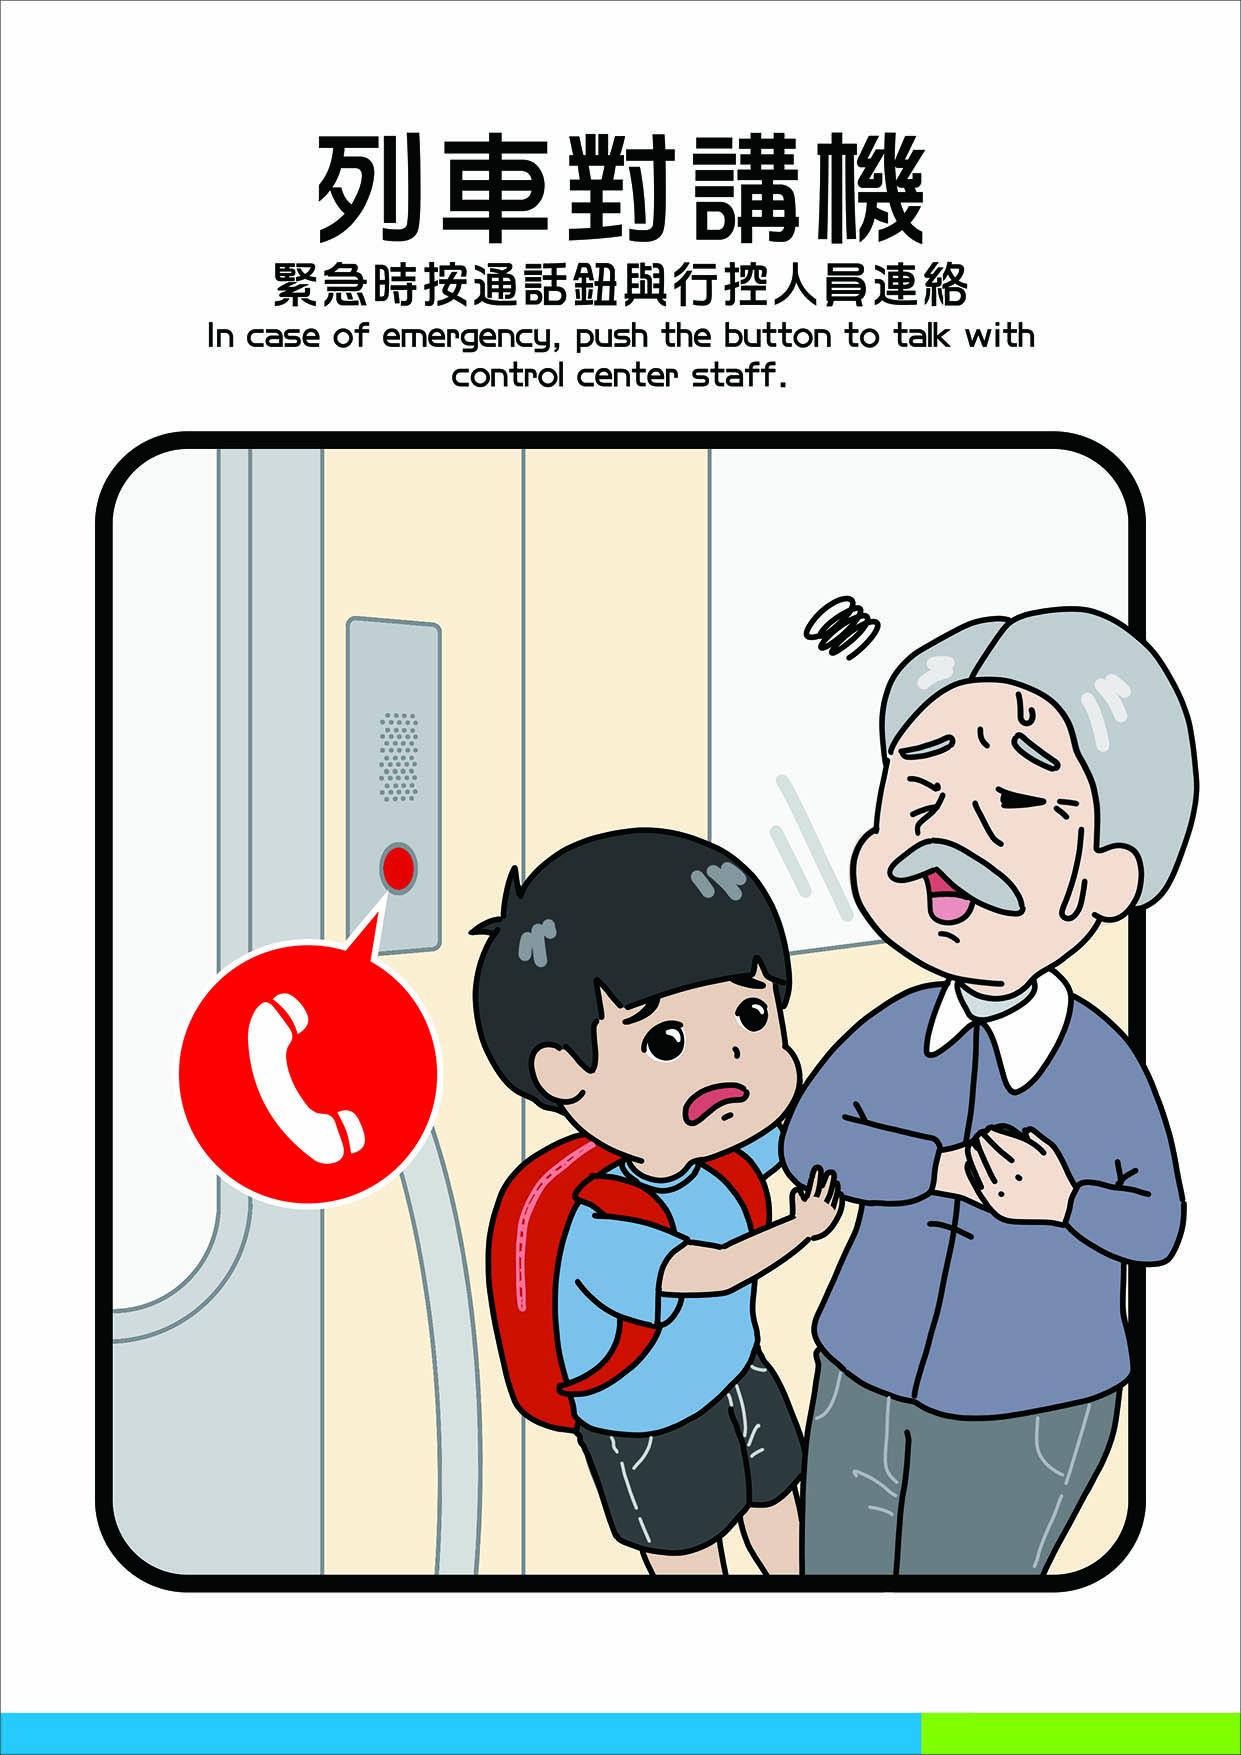 列車對講機,緊急時按鈕與工作人員連絡